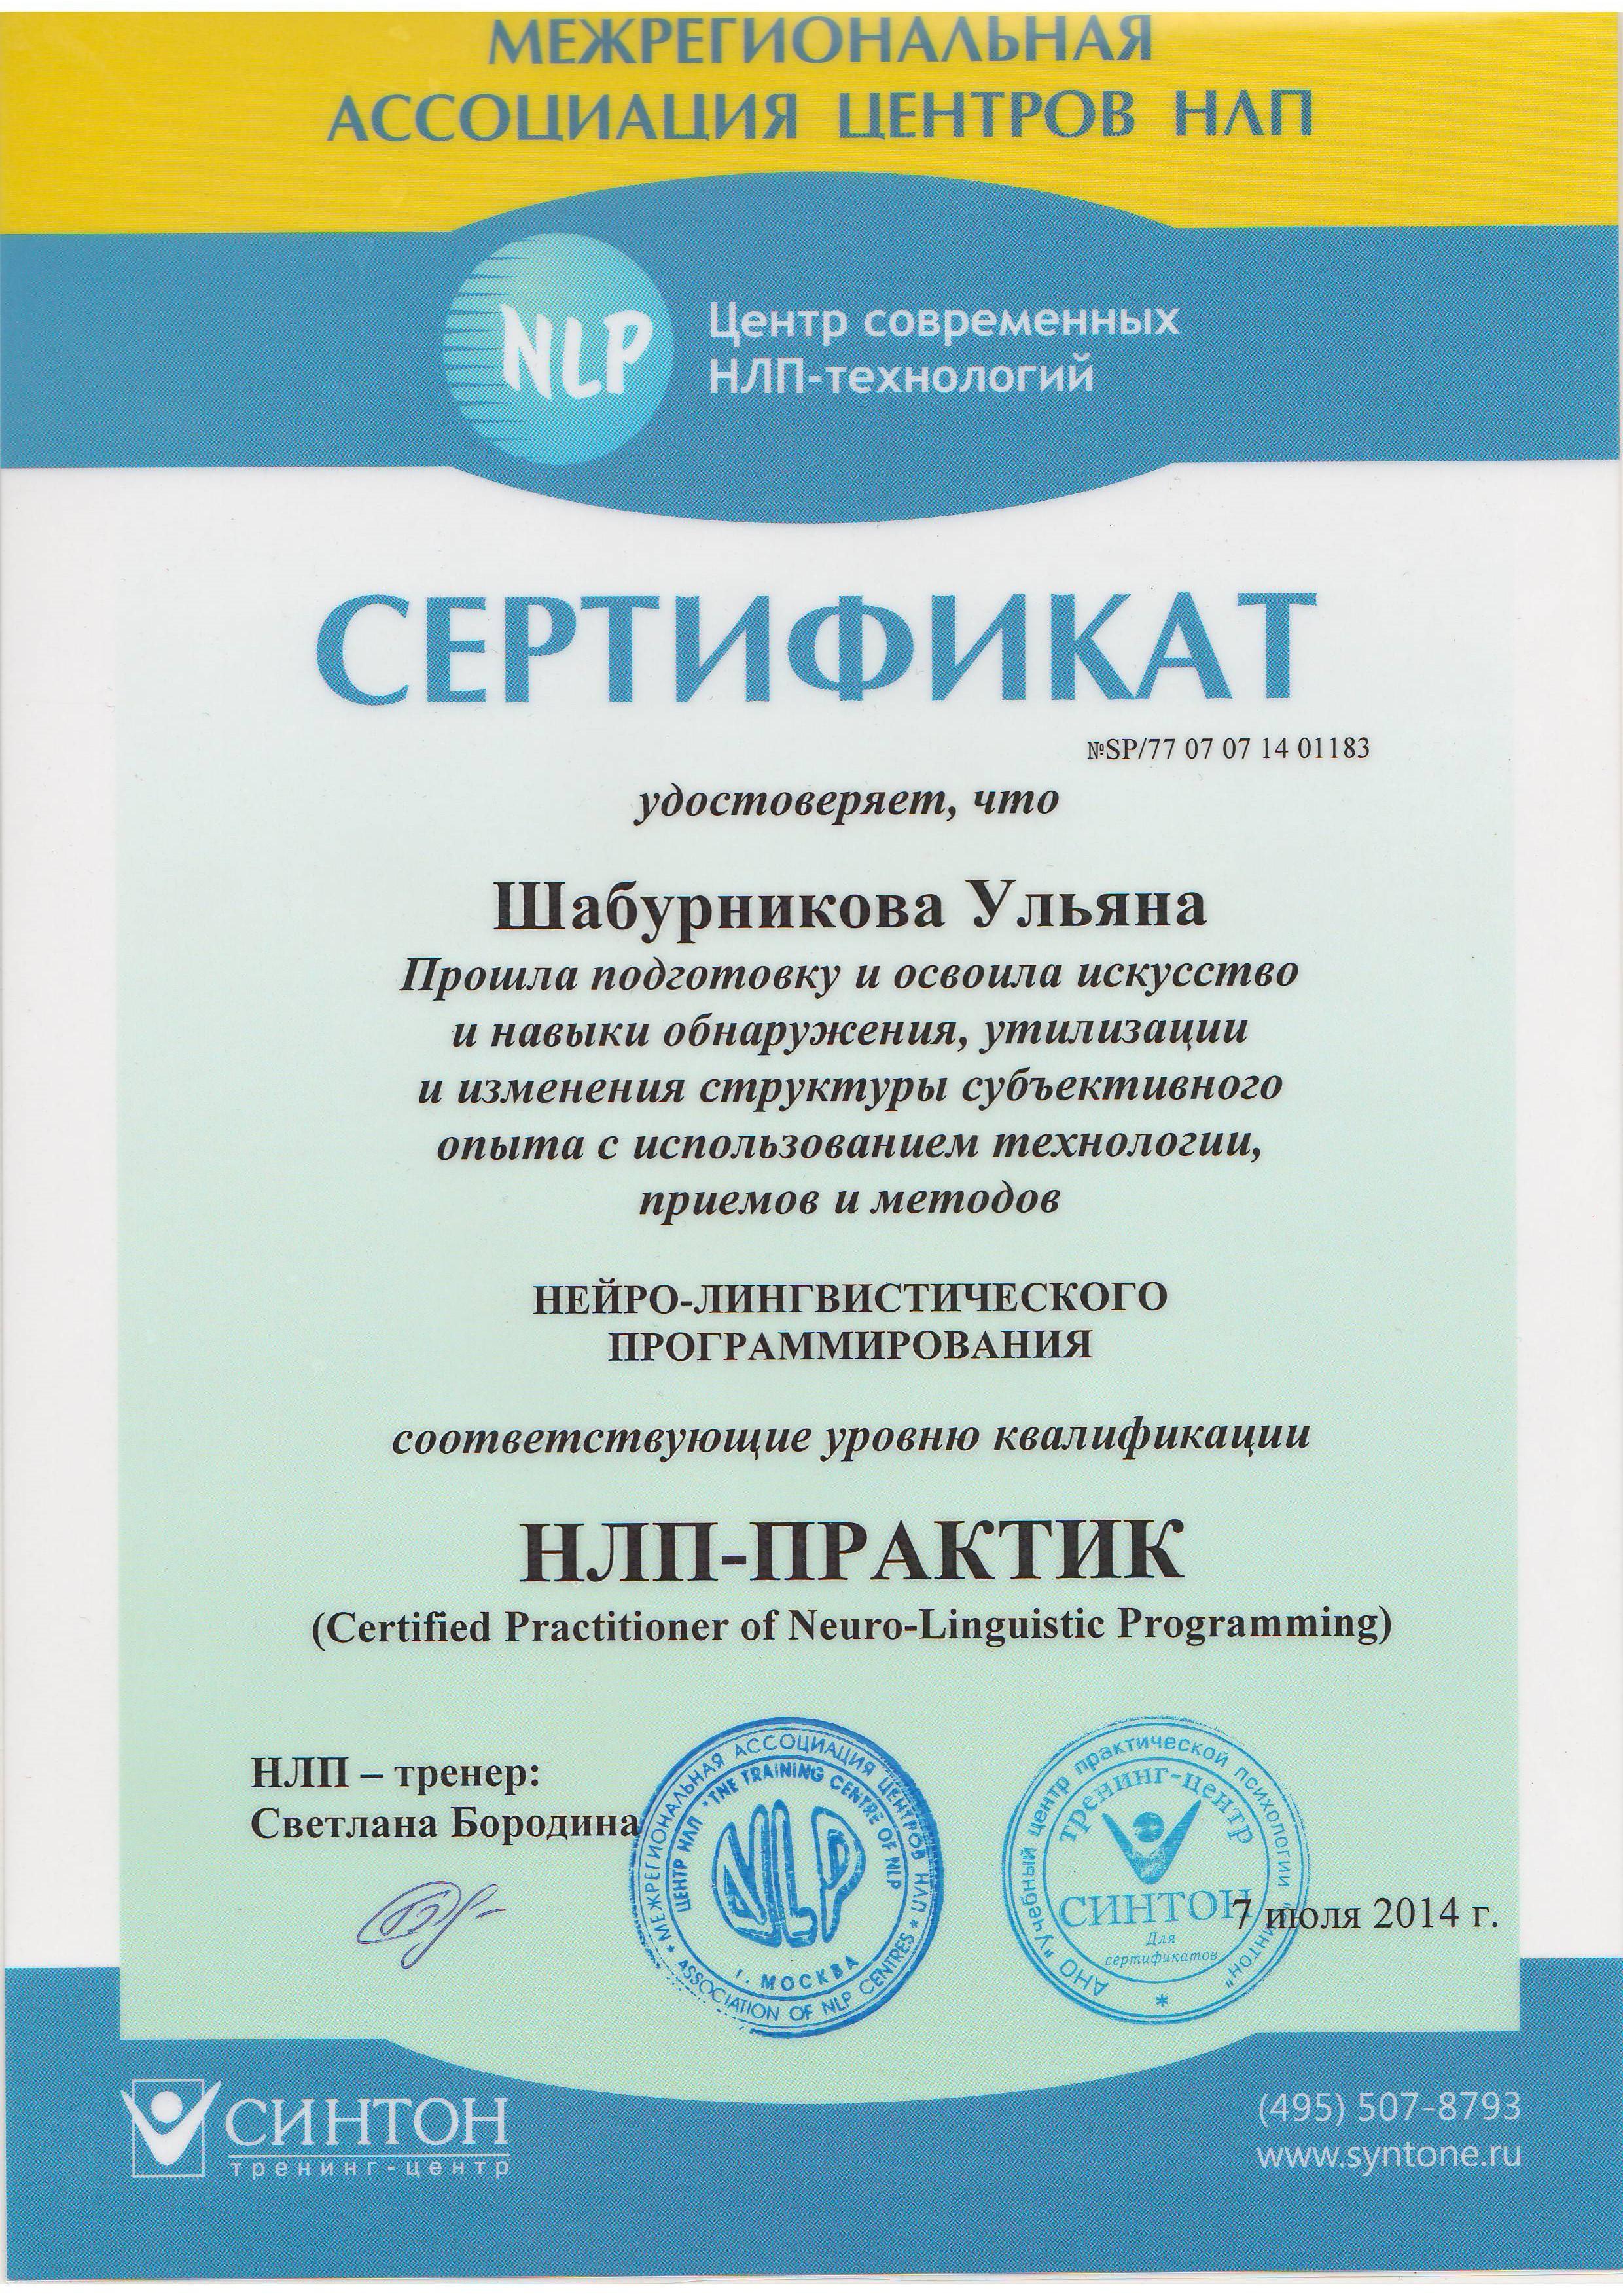 Сертификат НЛП-практика